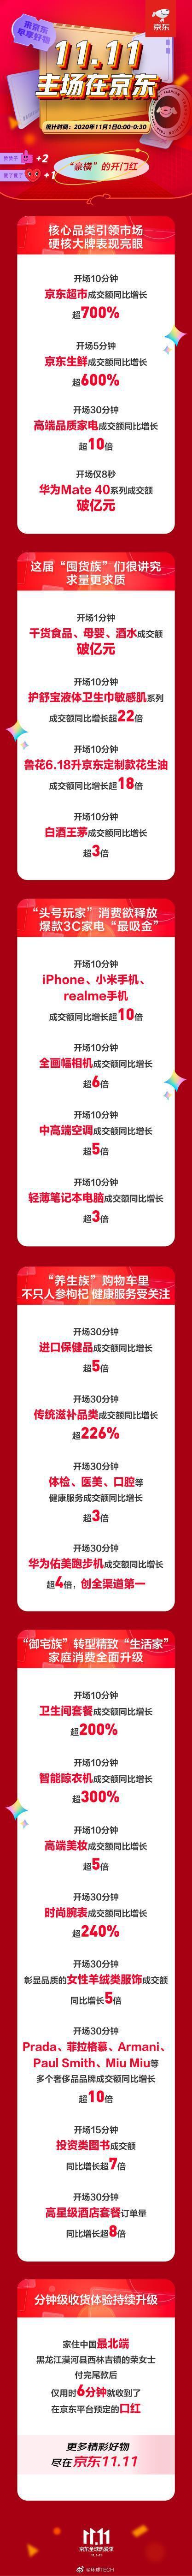 京东11.1首日 5G手机成交额同比增长超10倍